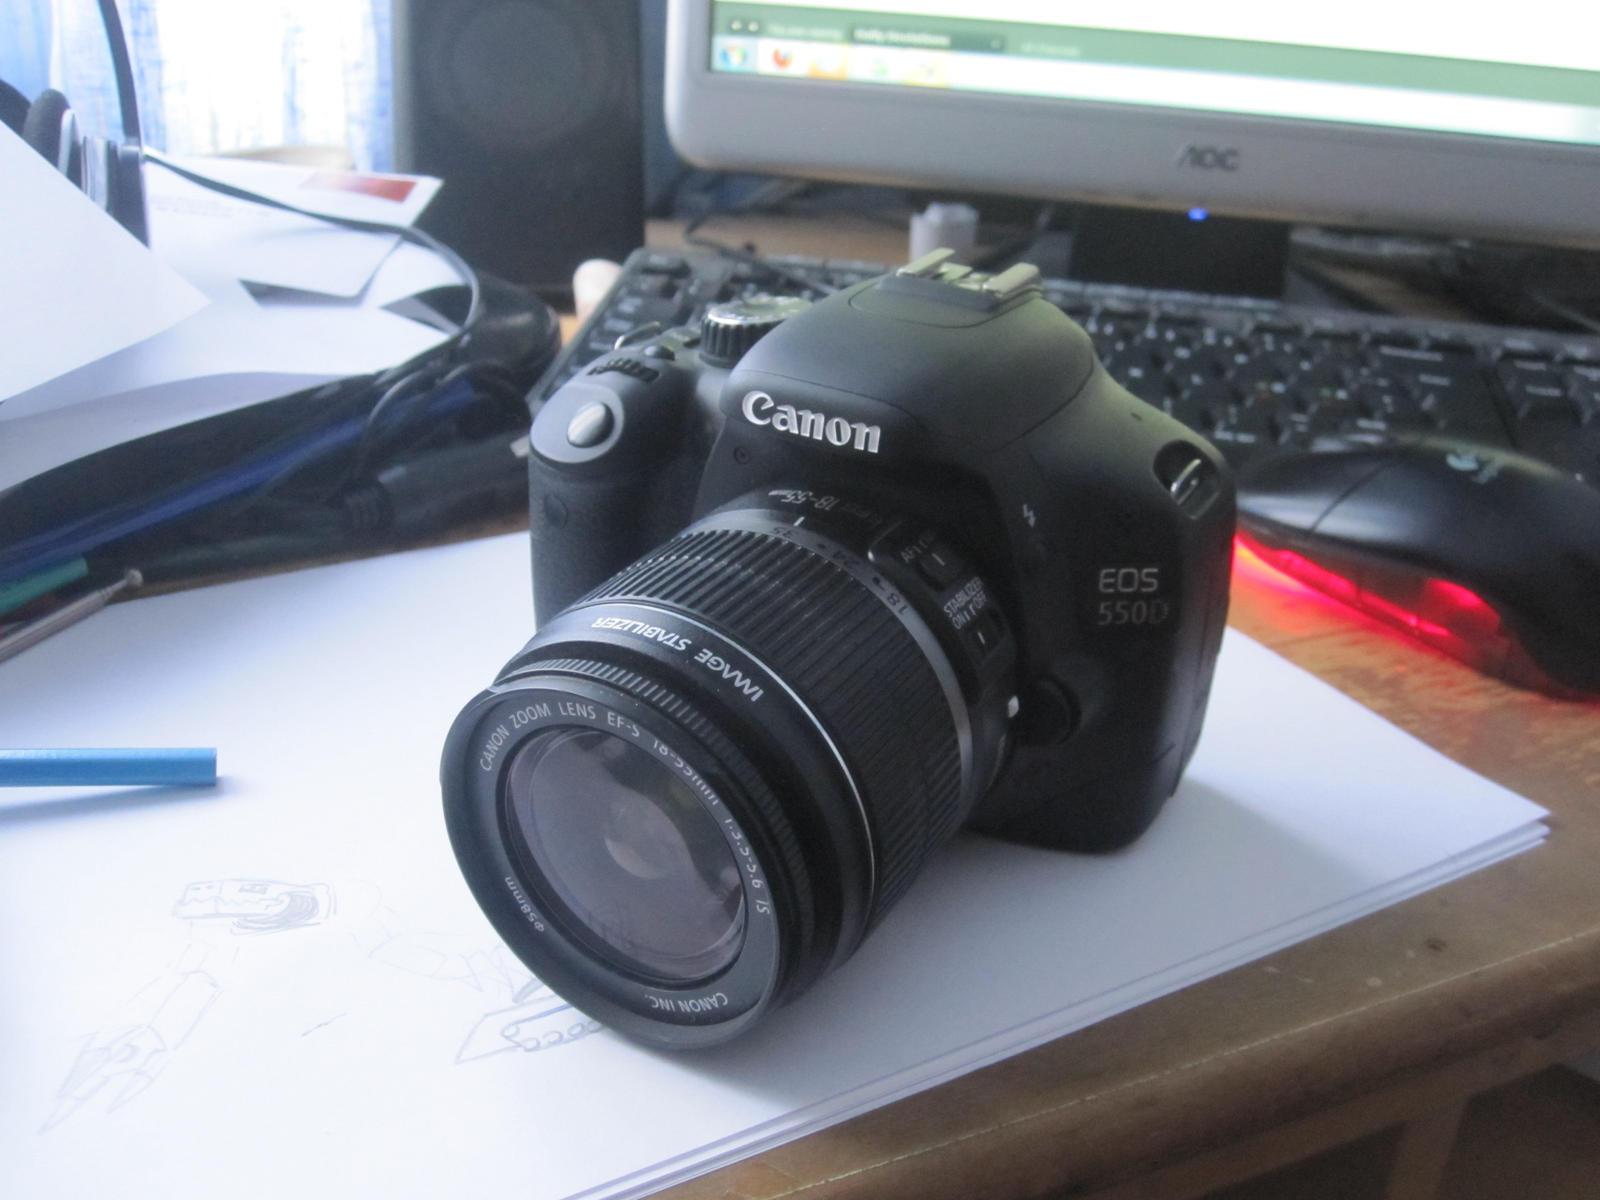 Uusi kamerani! 8D by Darkkis91